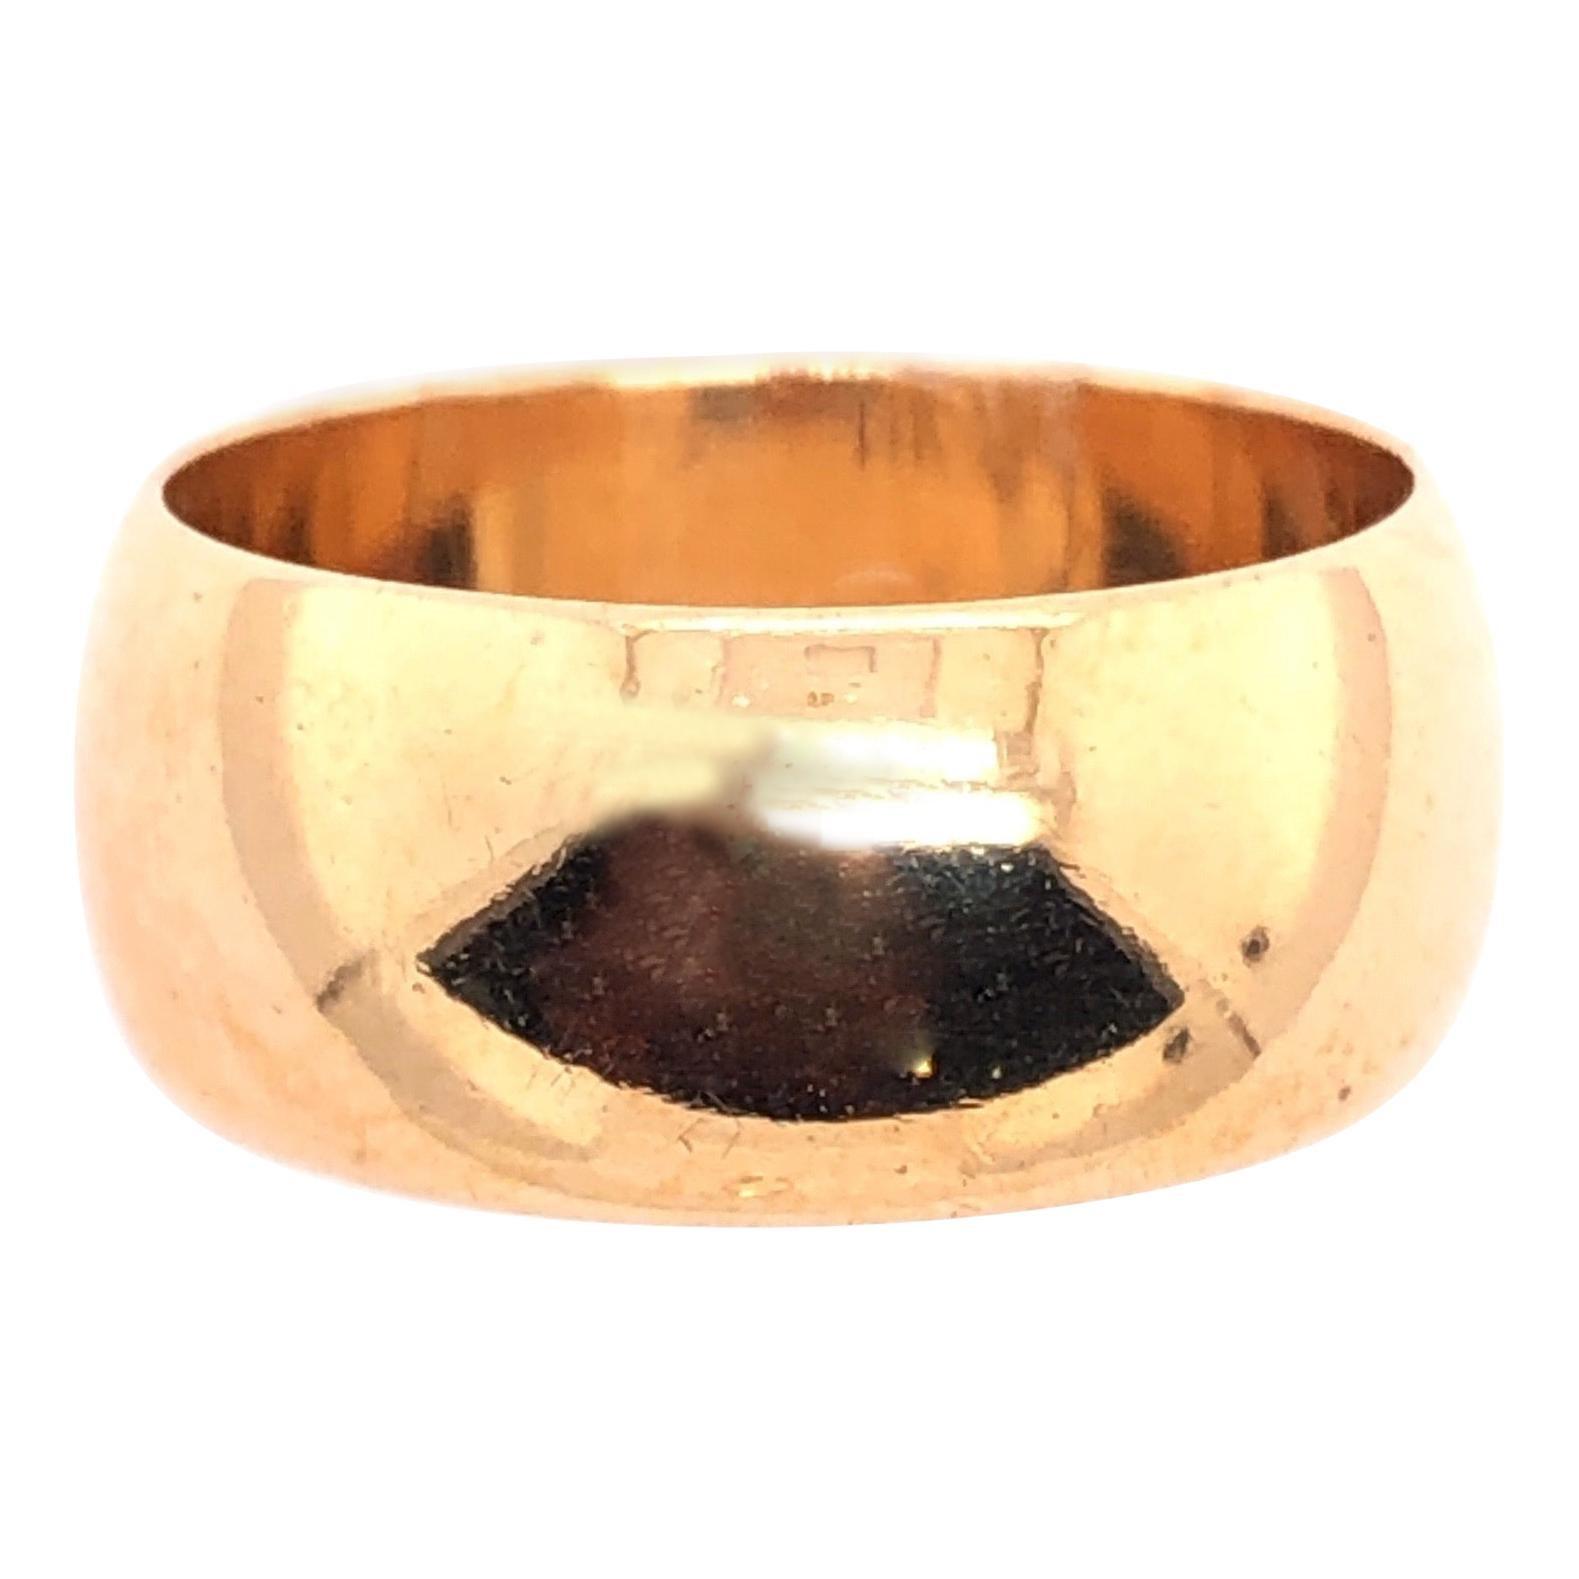 14 Karat Yellow Gold Bridal Ring / Wide Wedding Band